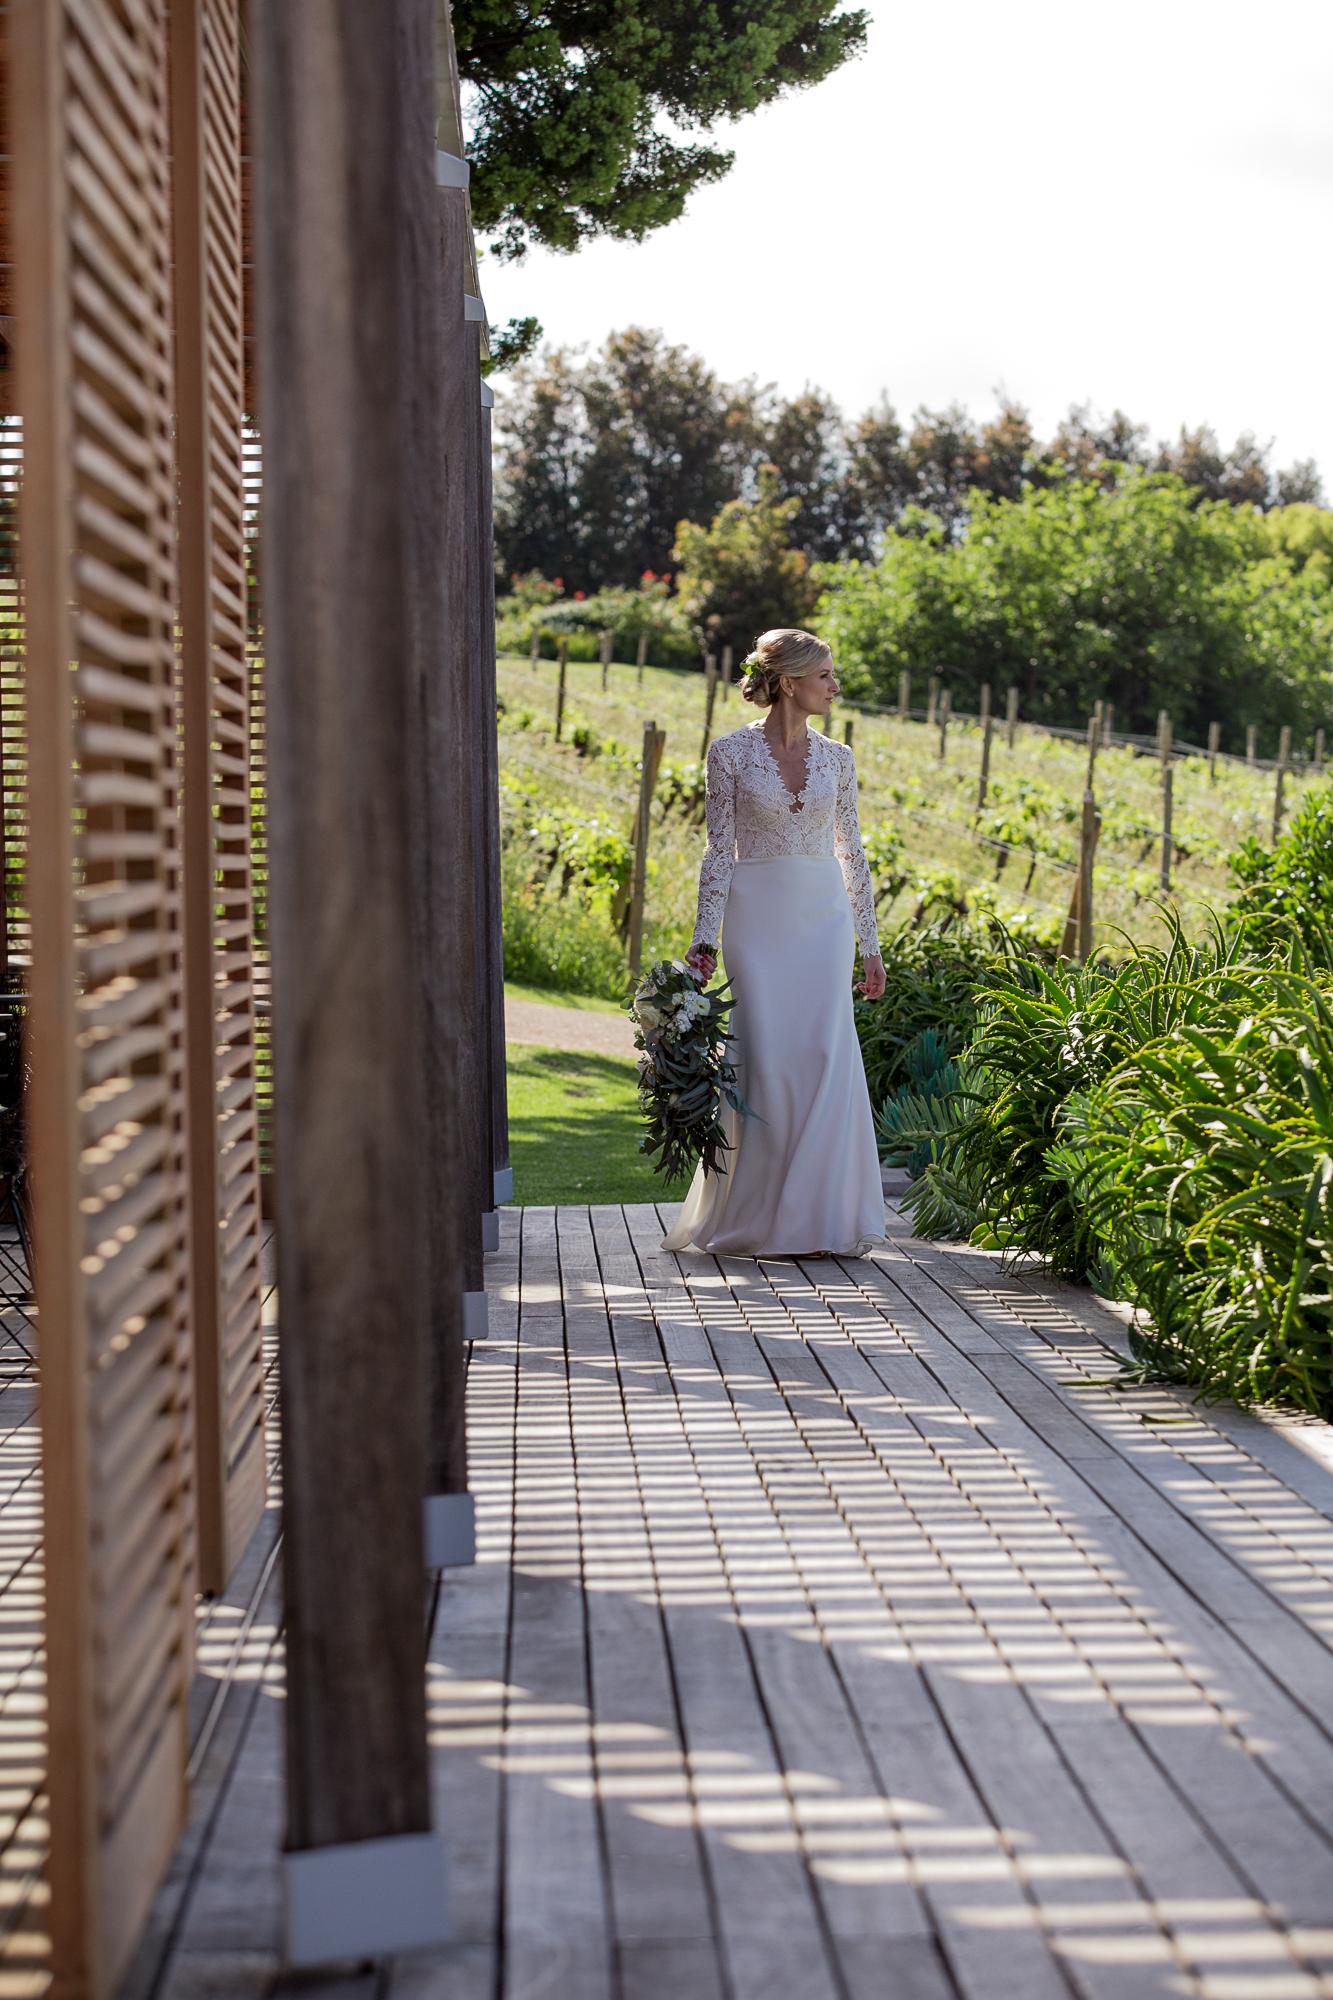 Alexis's luxury wedding planner